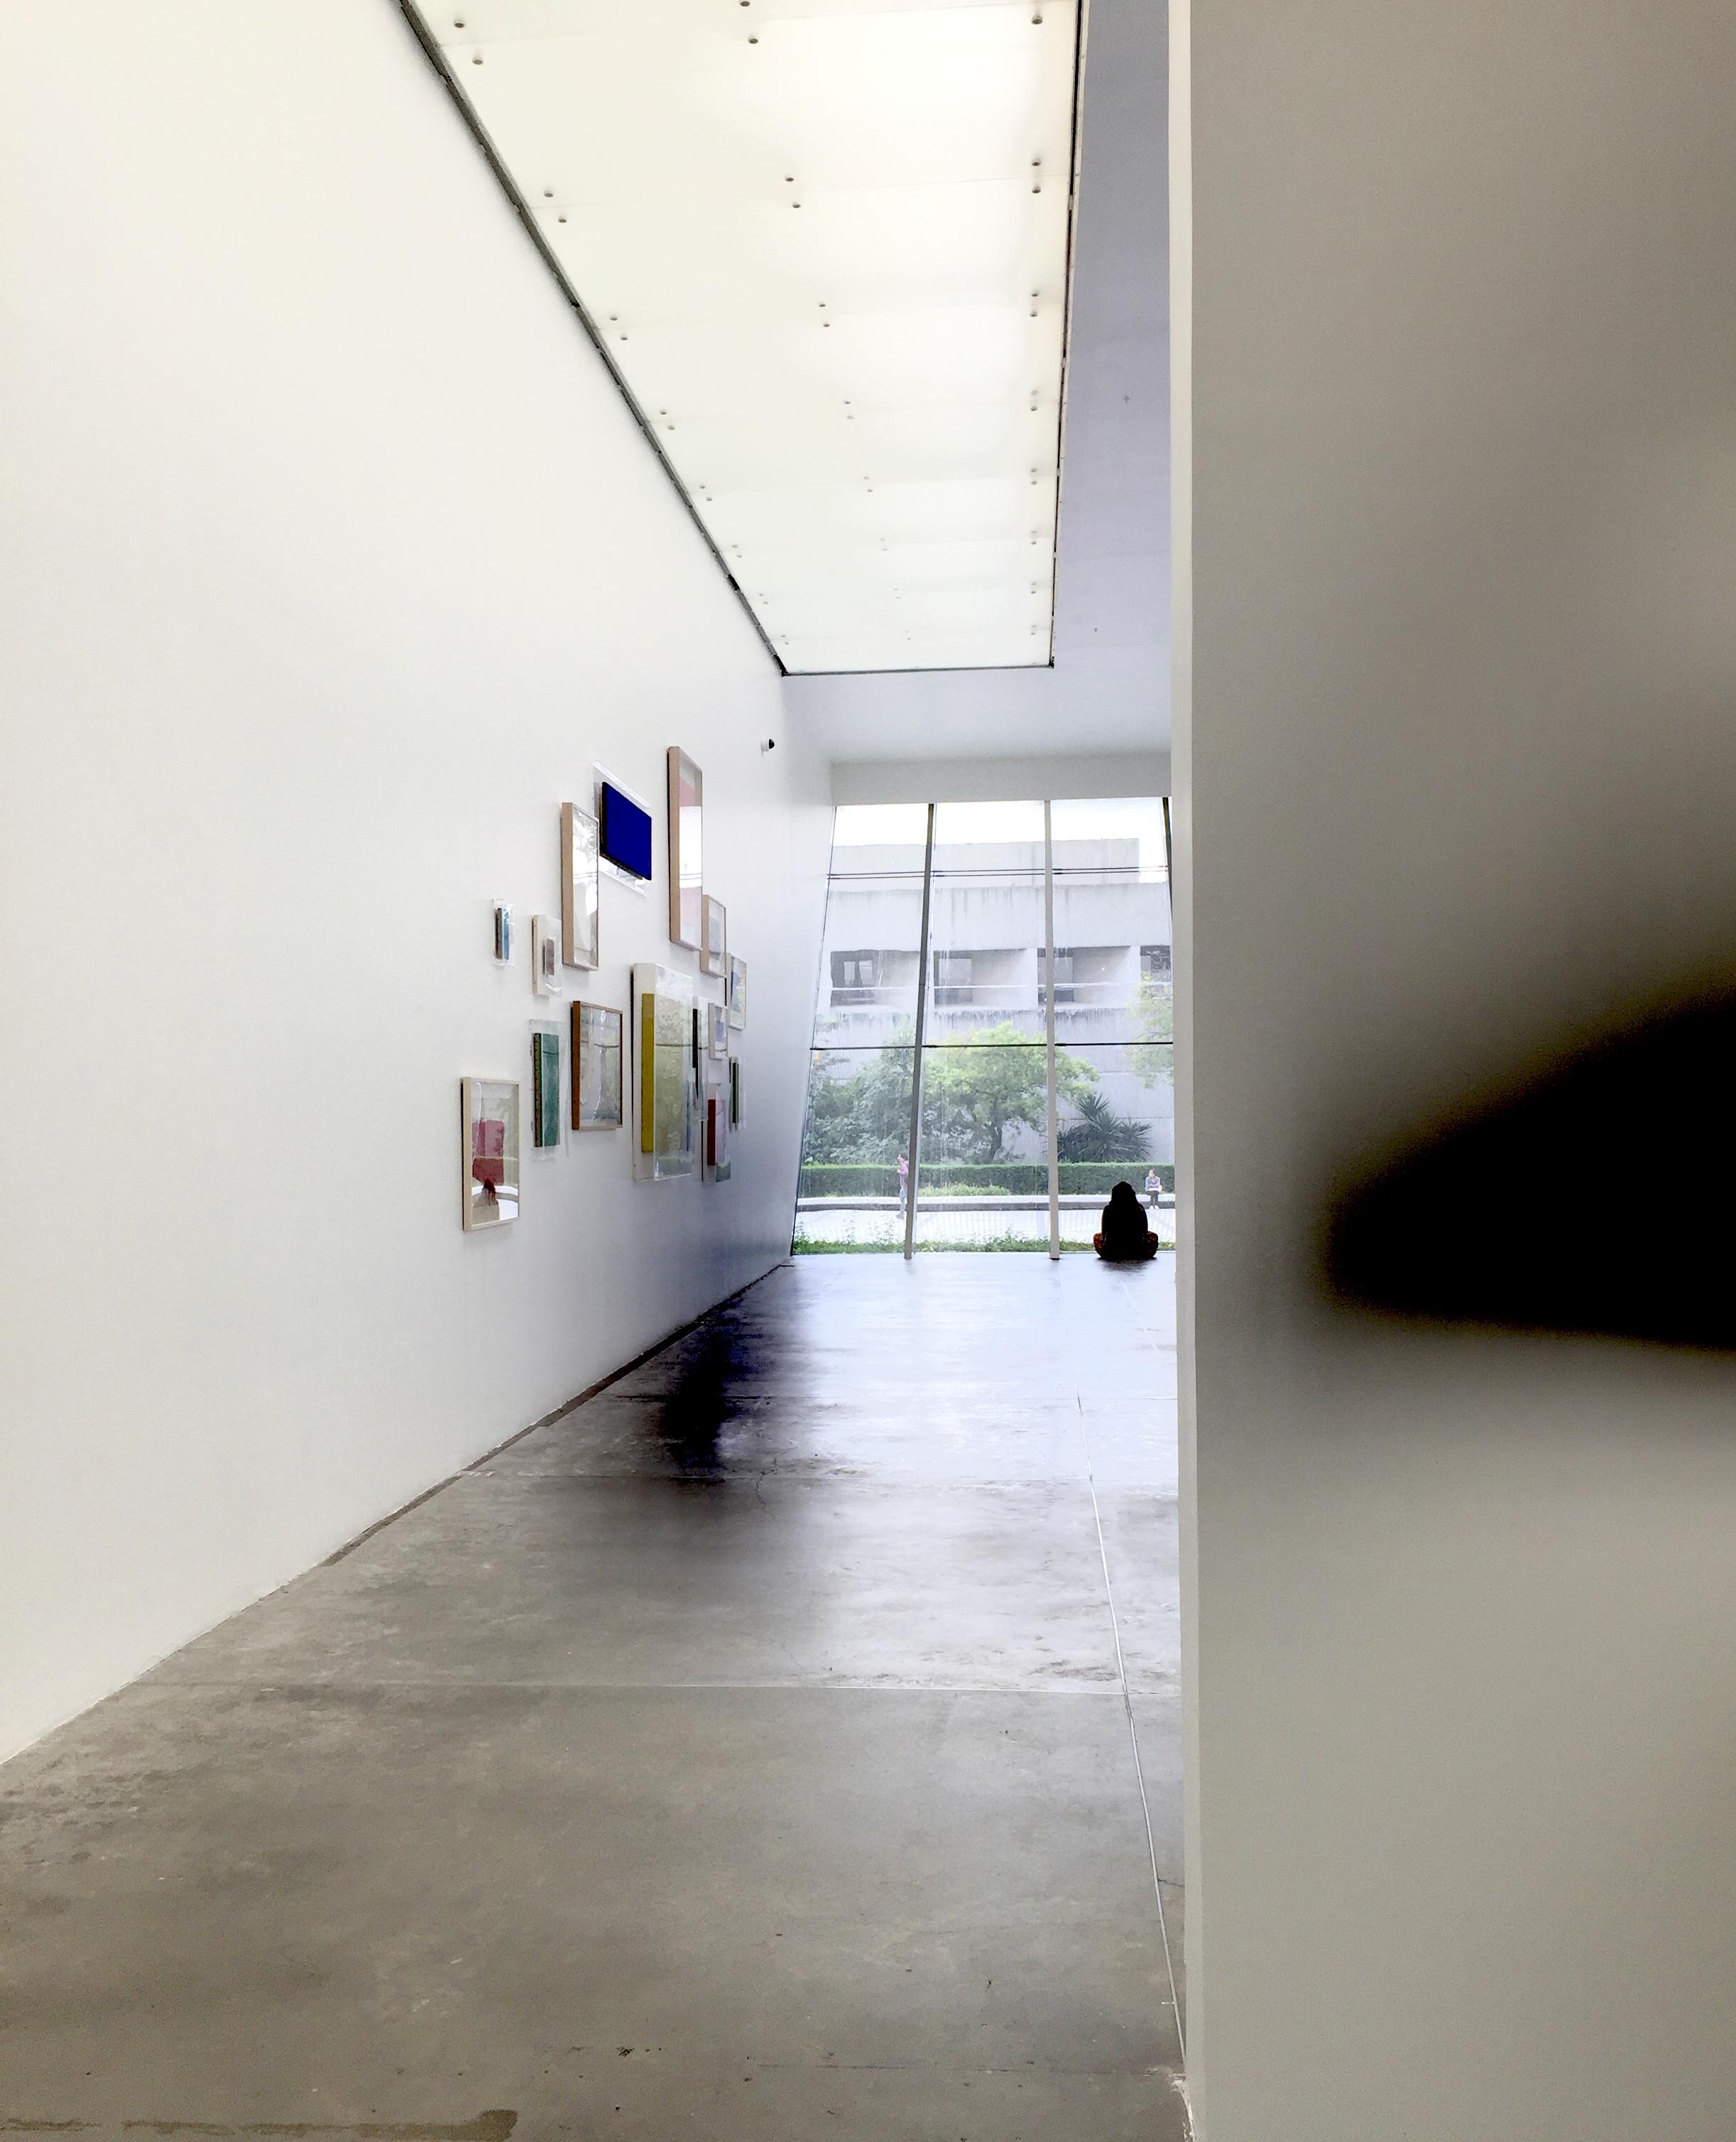 Fundando el espacio. Intervención de Enlaces en la Exposición de Yves Klein y Forensic Architecture, 2018. MUAC.